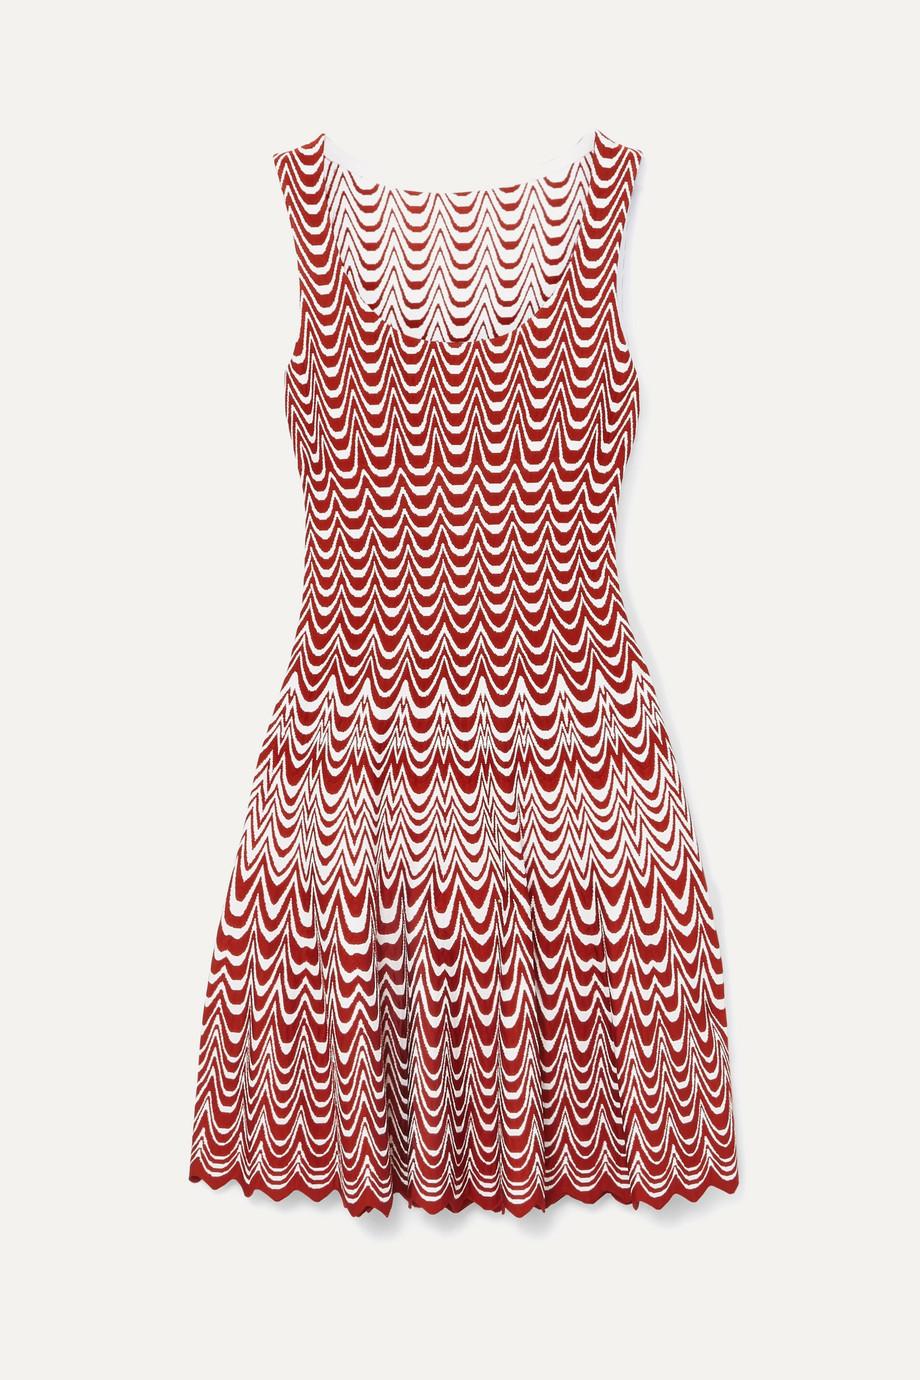 Alaïa Jacquard-knit scalloped mini dress